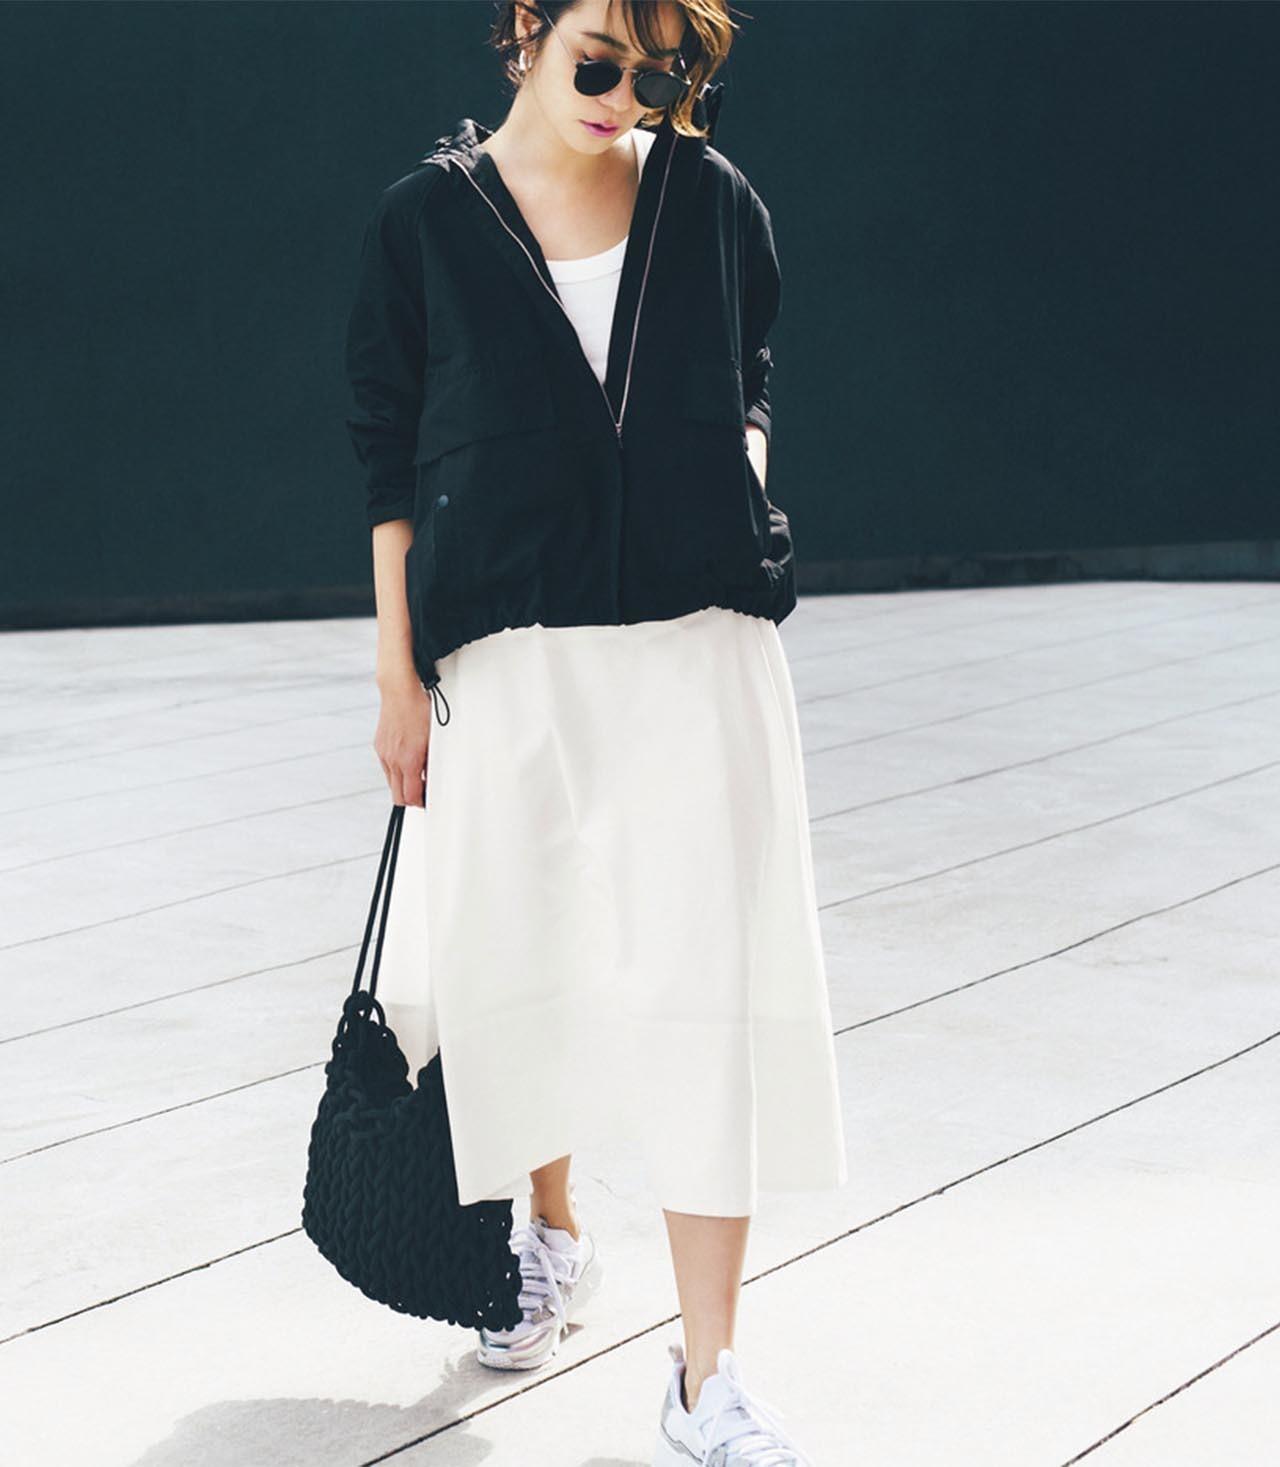 黒のパーカ×白のスカートコーデを着たモデルの竹下玲奈さん